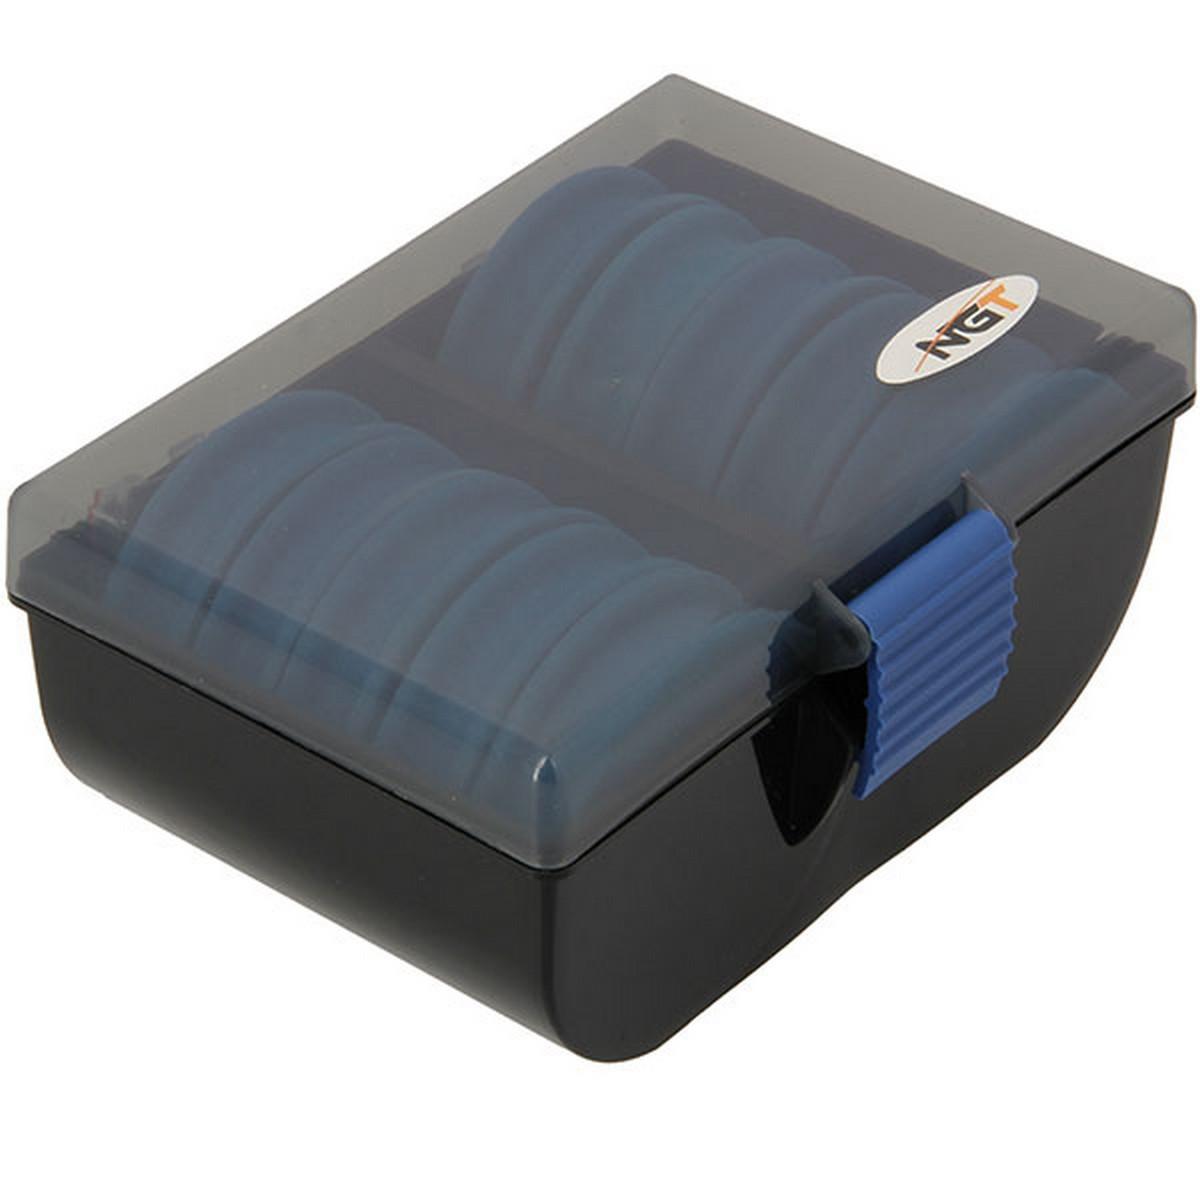 Кутия за Zig Rig монтажи и поводи NGT